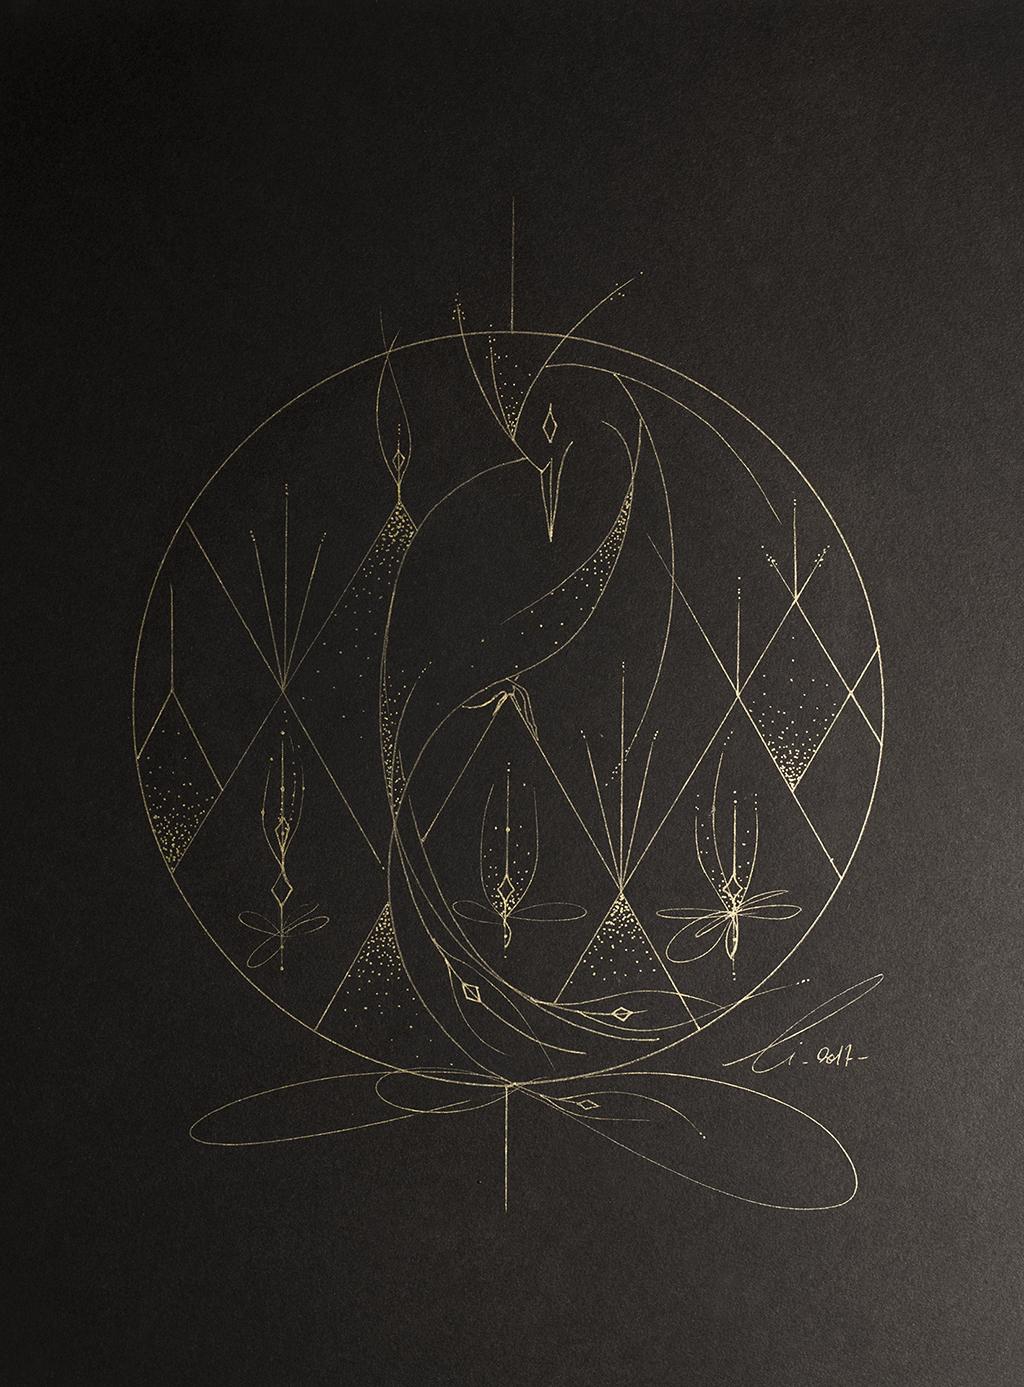 L'oiseau graphique doré sur papier noir